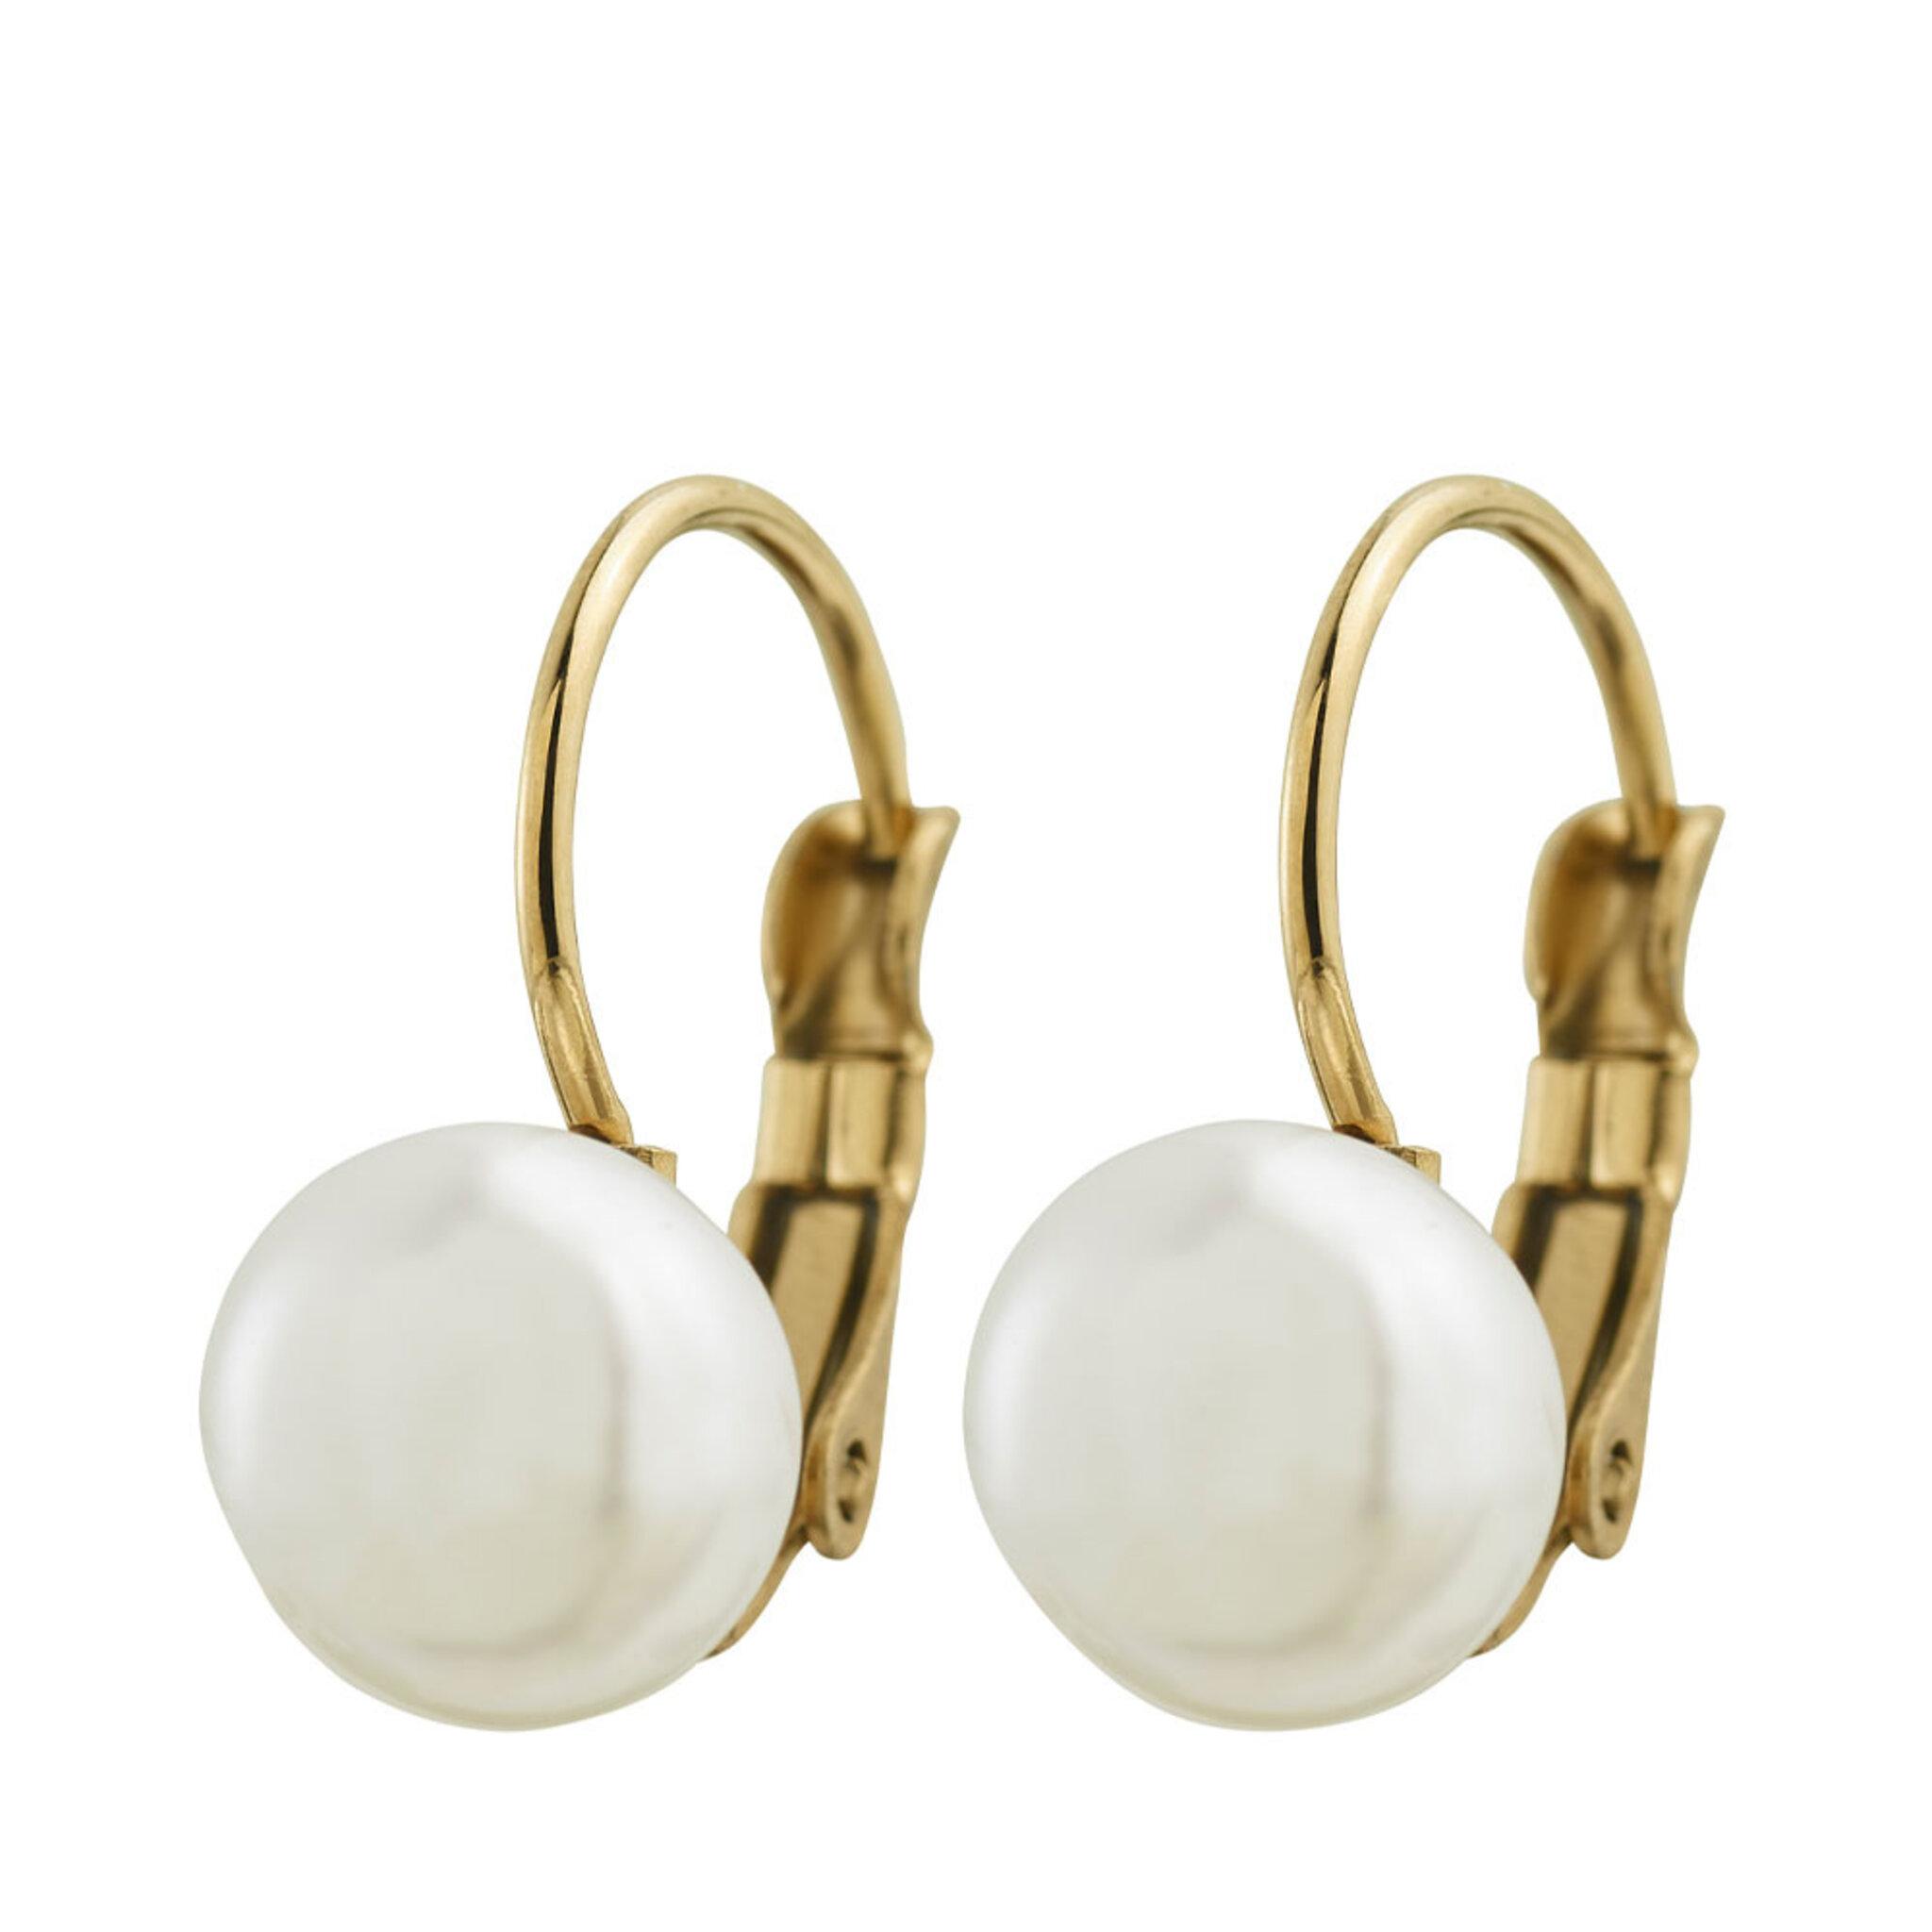 Berzelii Earrings Gold, ONE SIZE